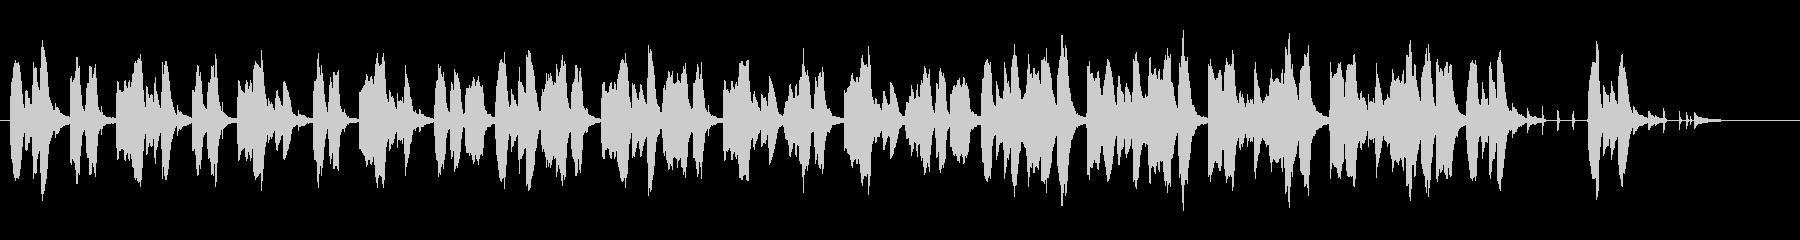 【オーケストラ】不思議_謎_気になるの未再生の波形